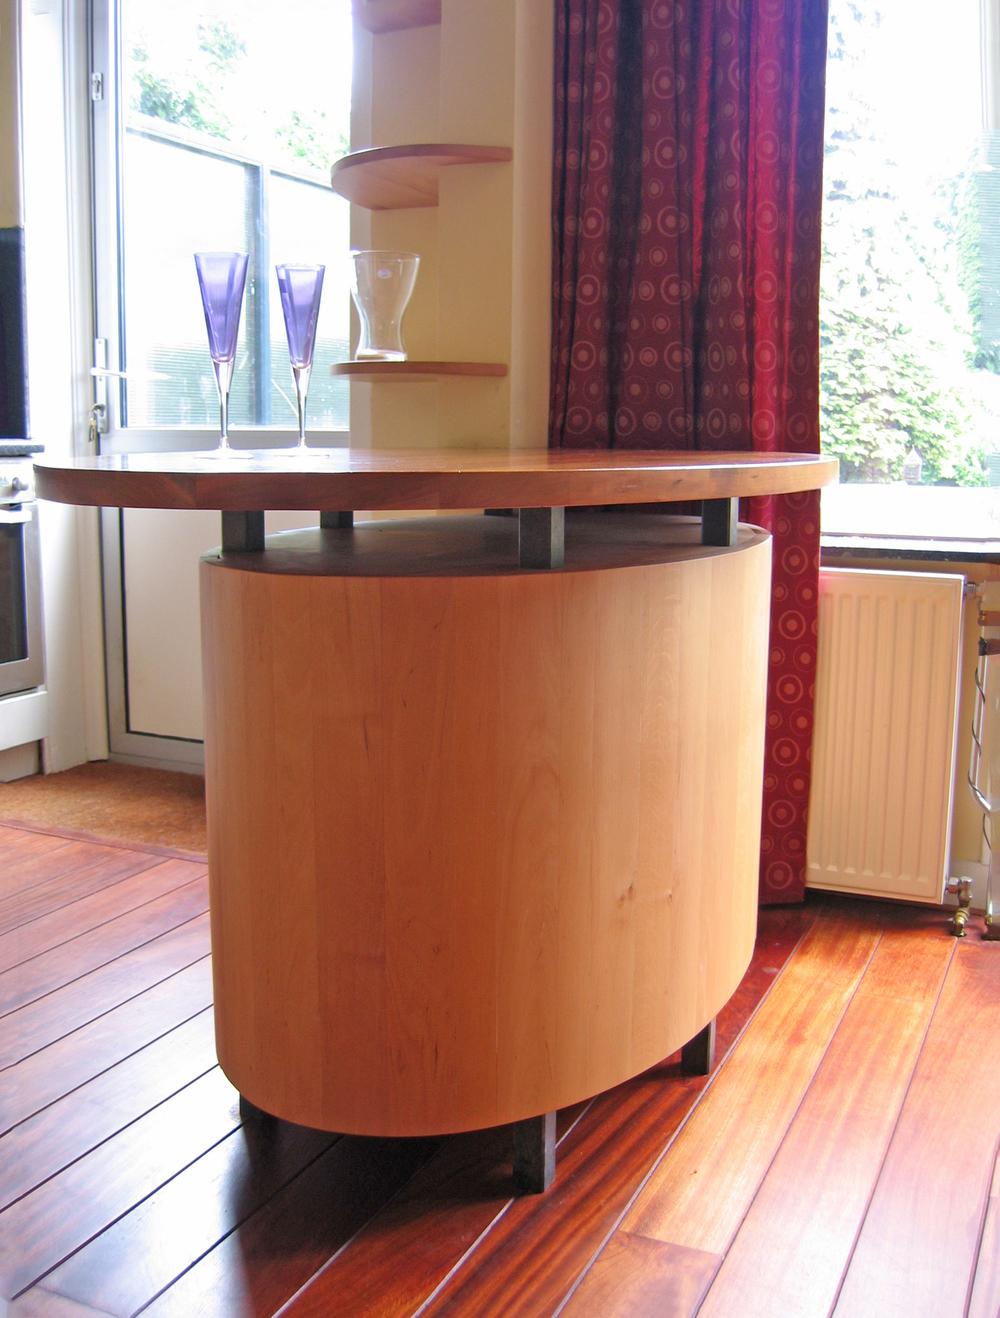 vrijstaande ovale tafel, blad van kersen, kastruimte van berken, pootdetails belgisch hardsteen